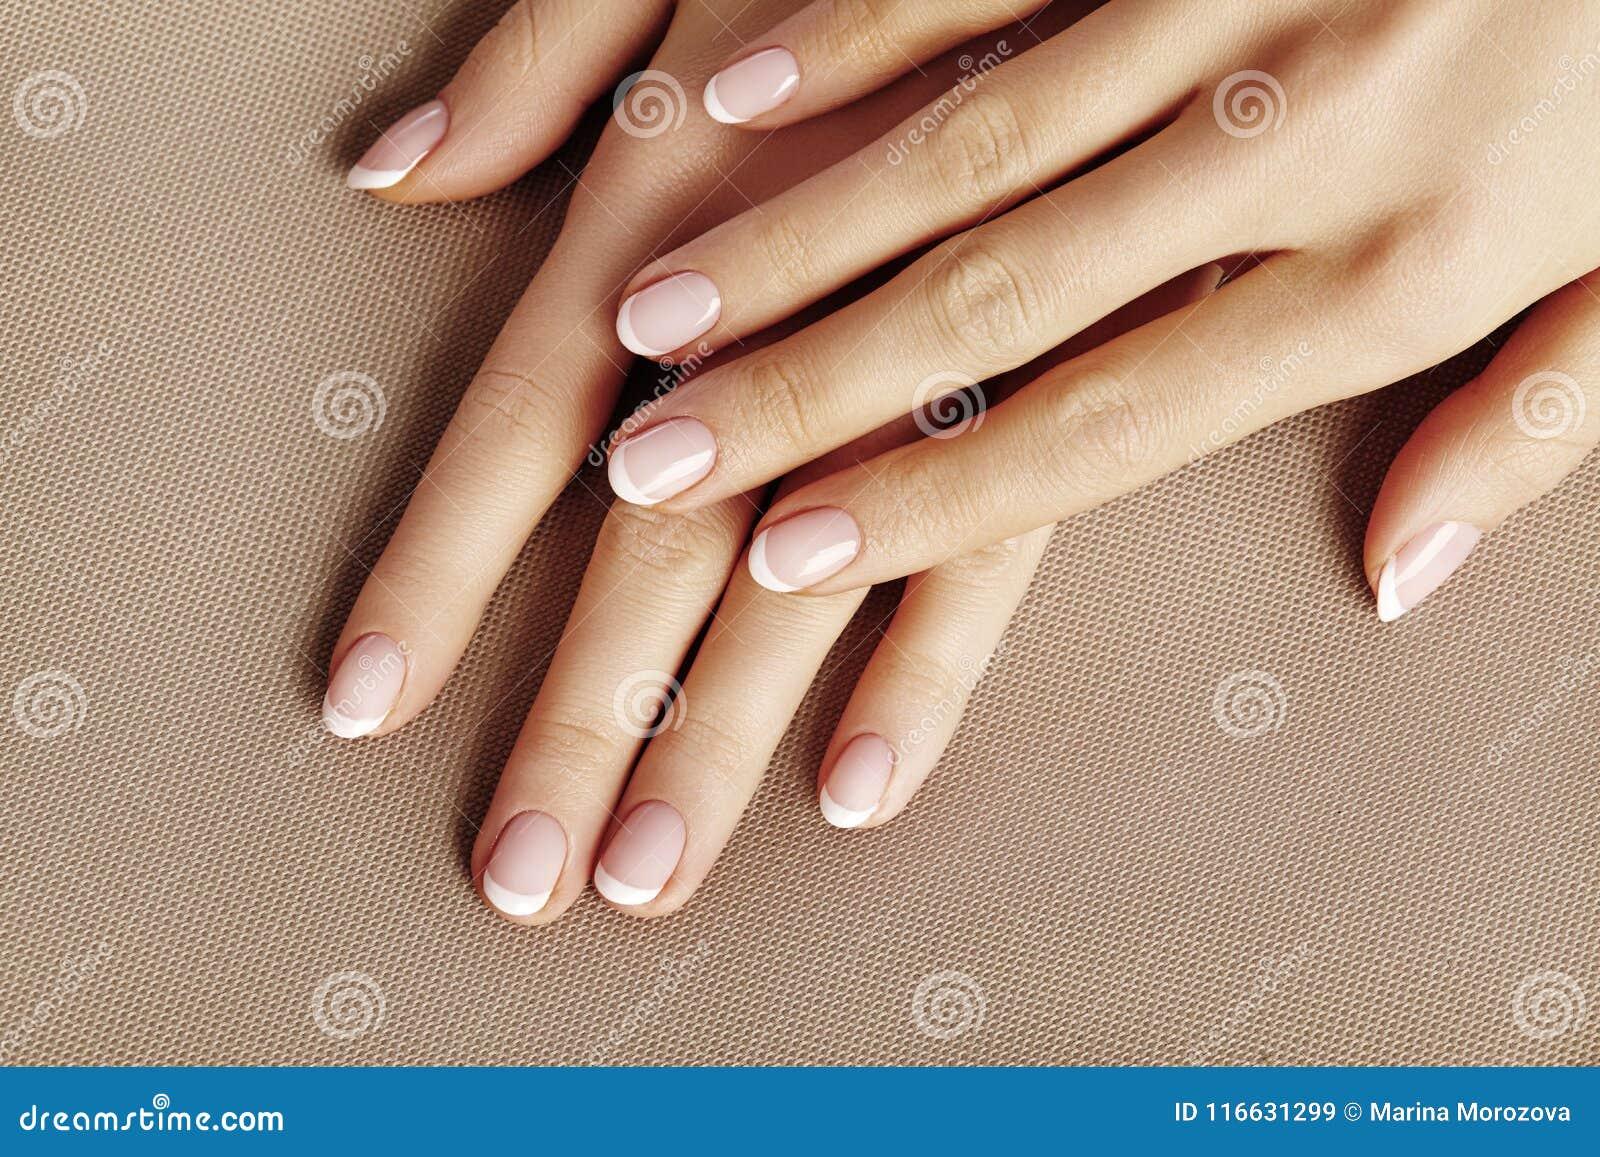 Jeune paume femelle Belle manucure de charme Type français Vernis à ongles Inquiétez-vous des mains et des ongles, peau propre